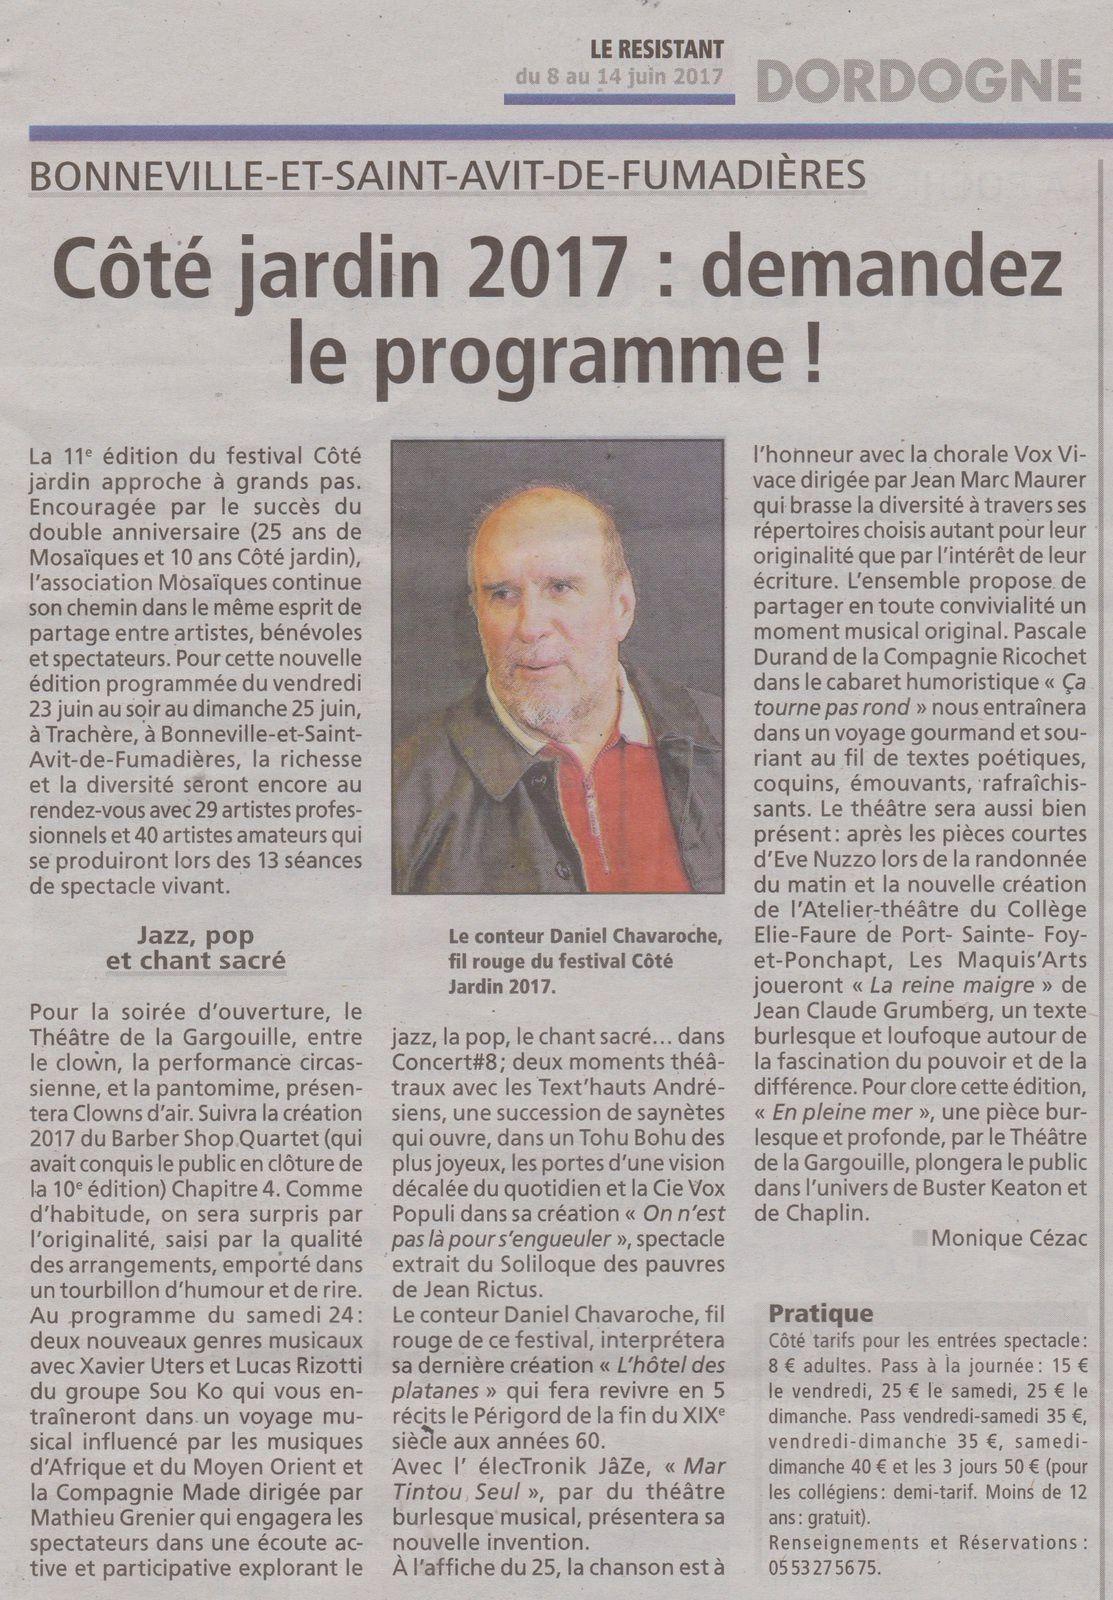 Le Résistant du 8 juin 2017 Monique Cézac et Christian Cluzeau